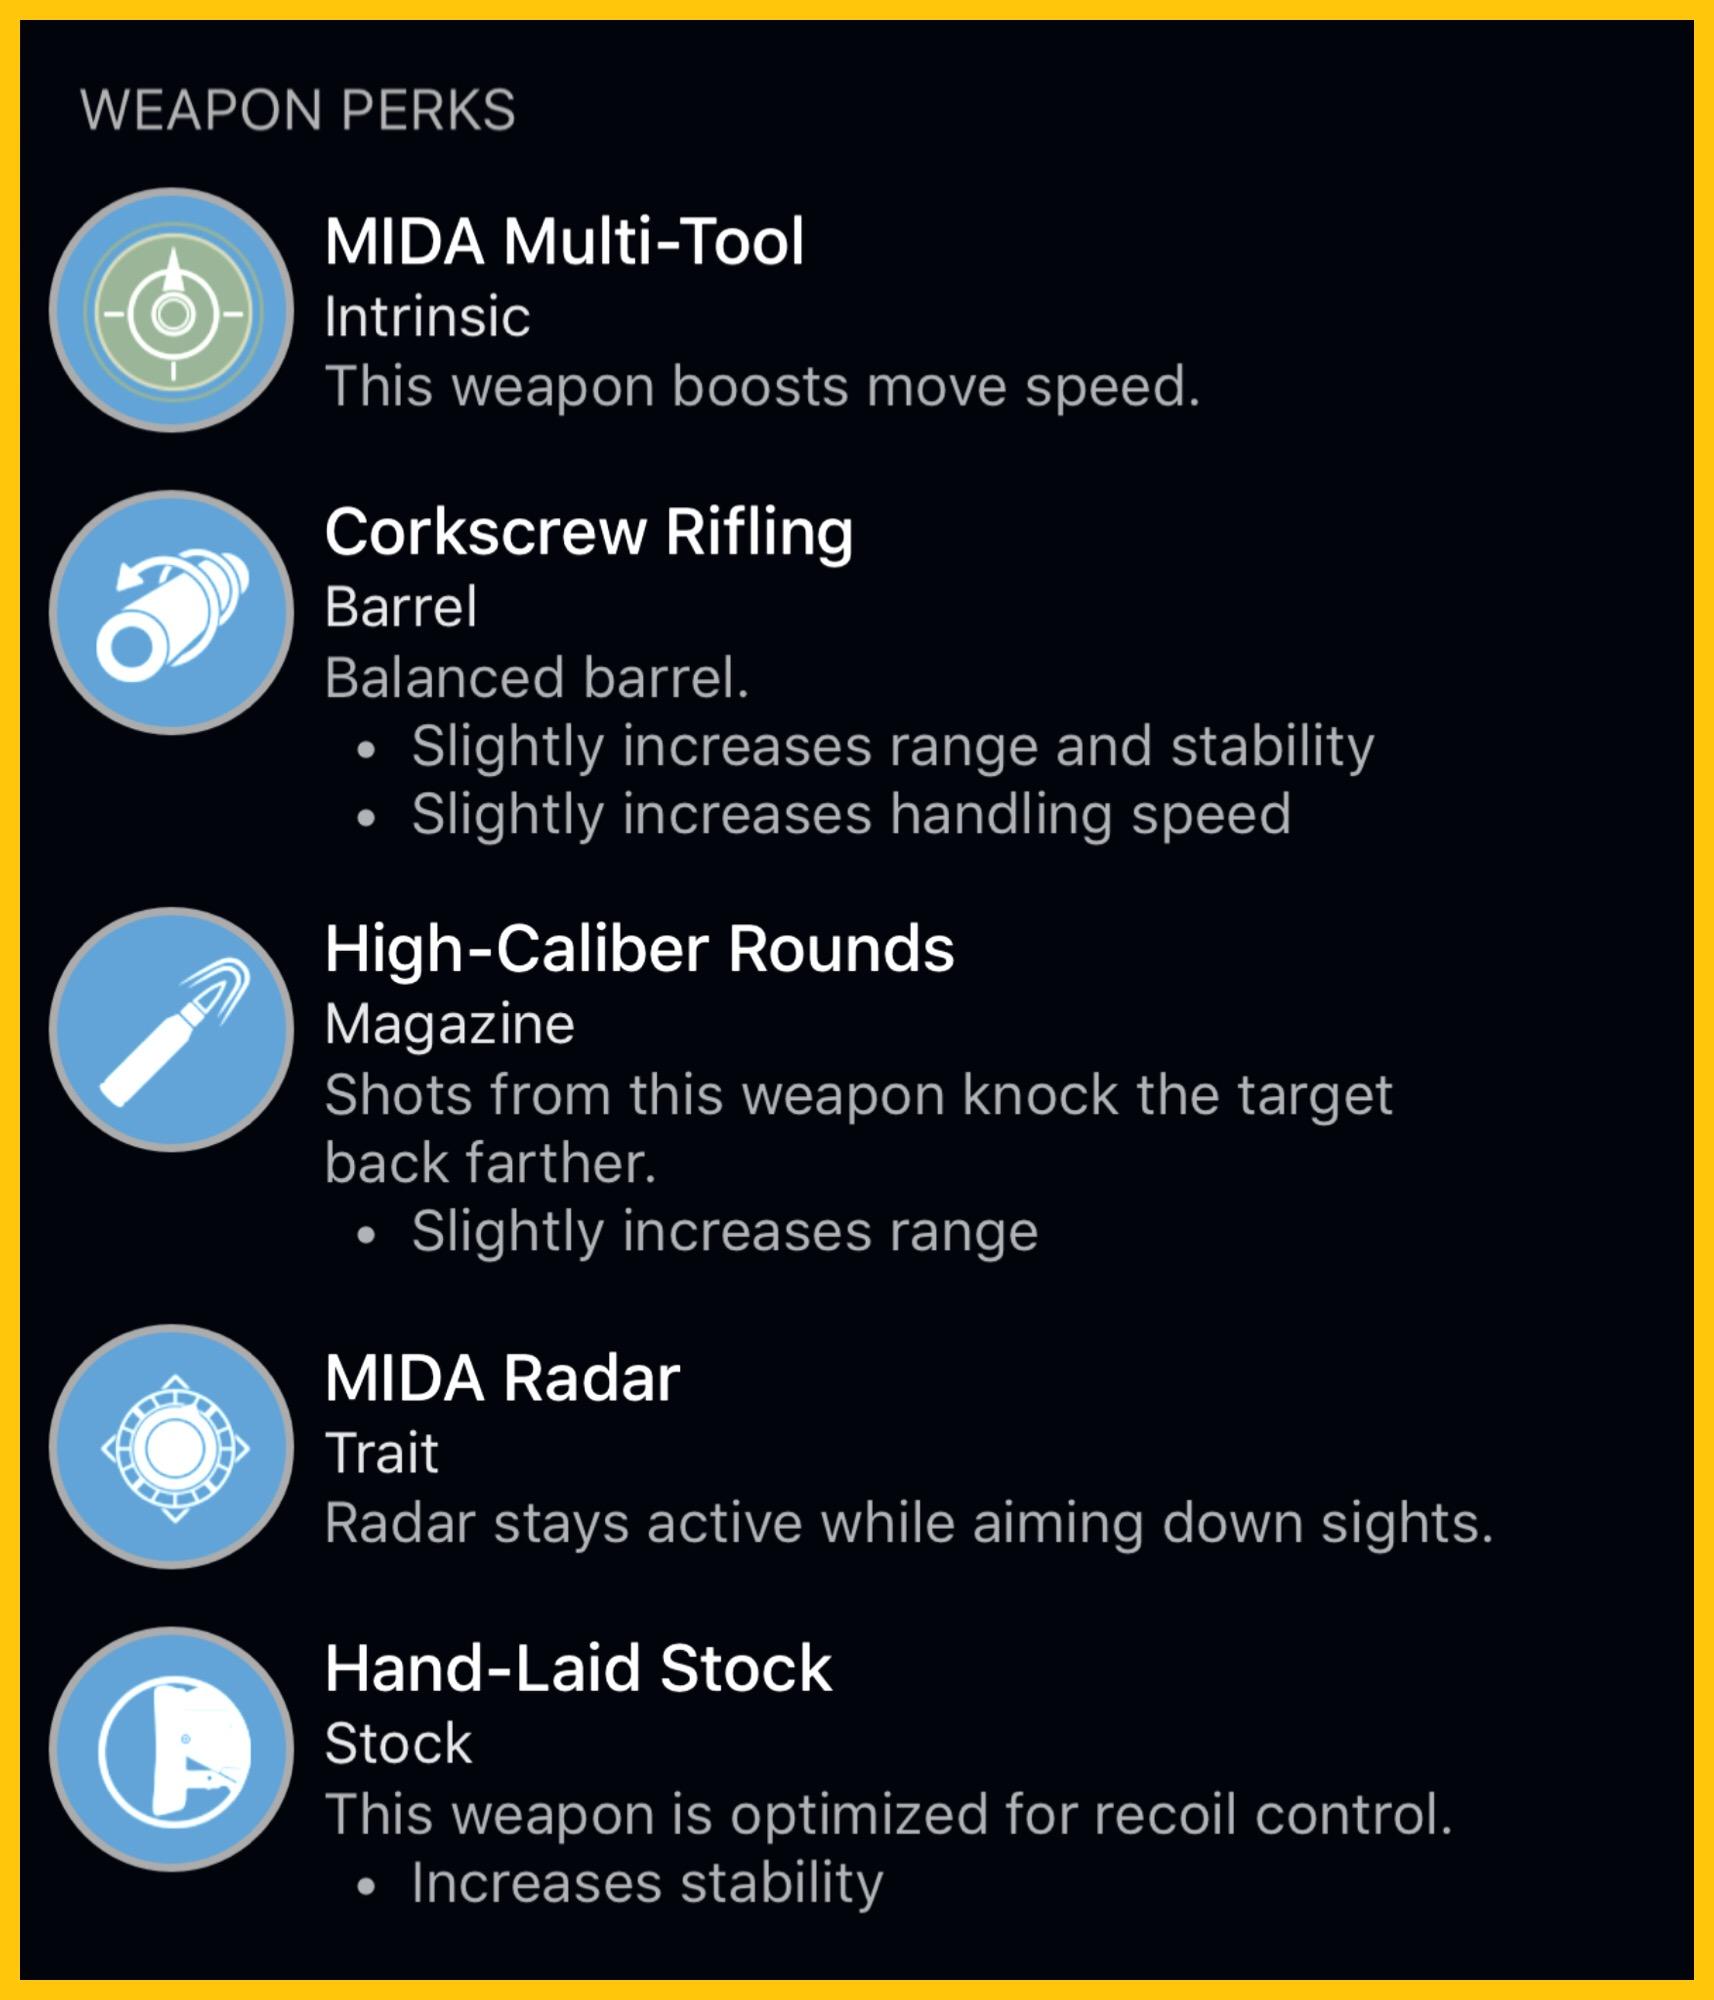 MIDA Multi-Tool PERKS.JPEG